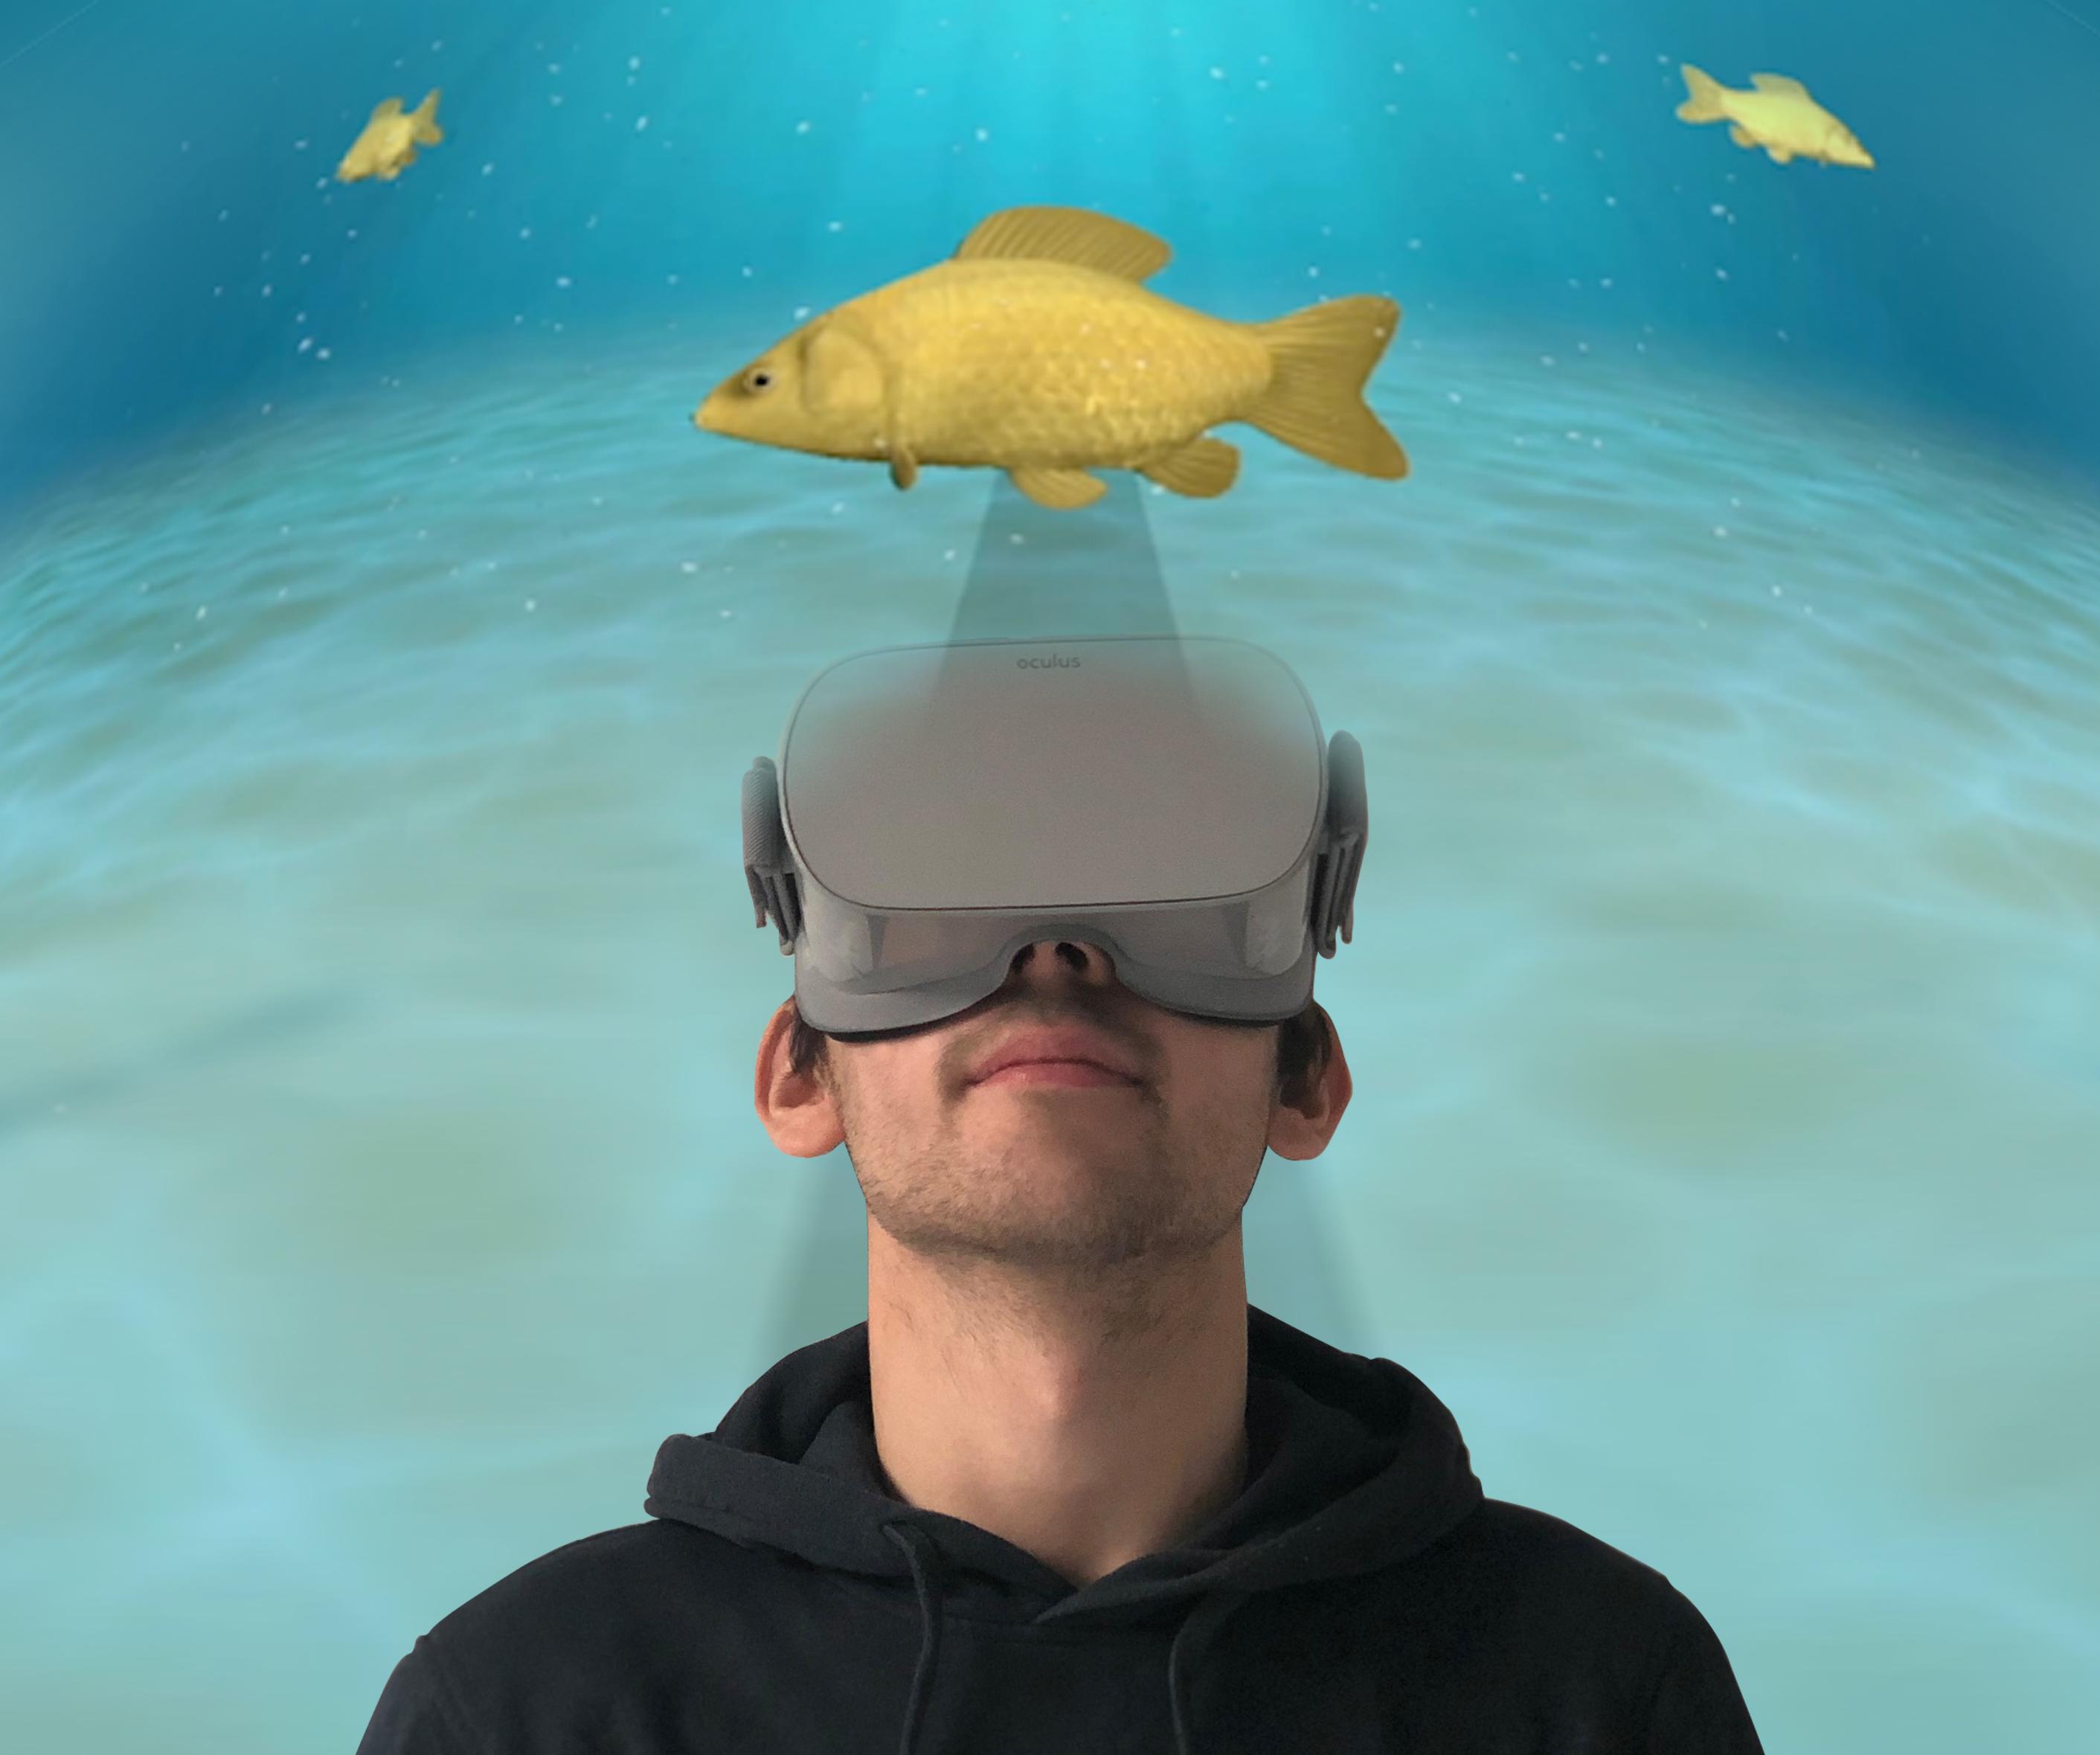 VR-Anwendung, Student schaut mit VR-Brille auf einen Fisch, der im Ozean schwimmt